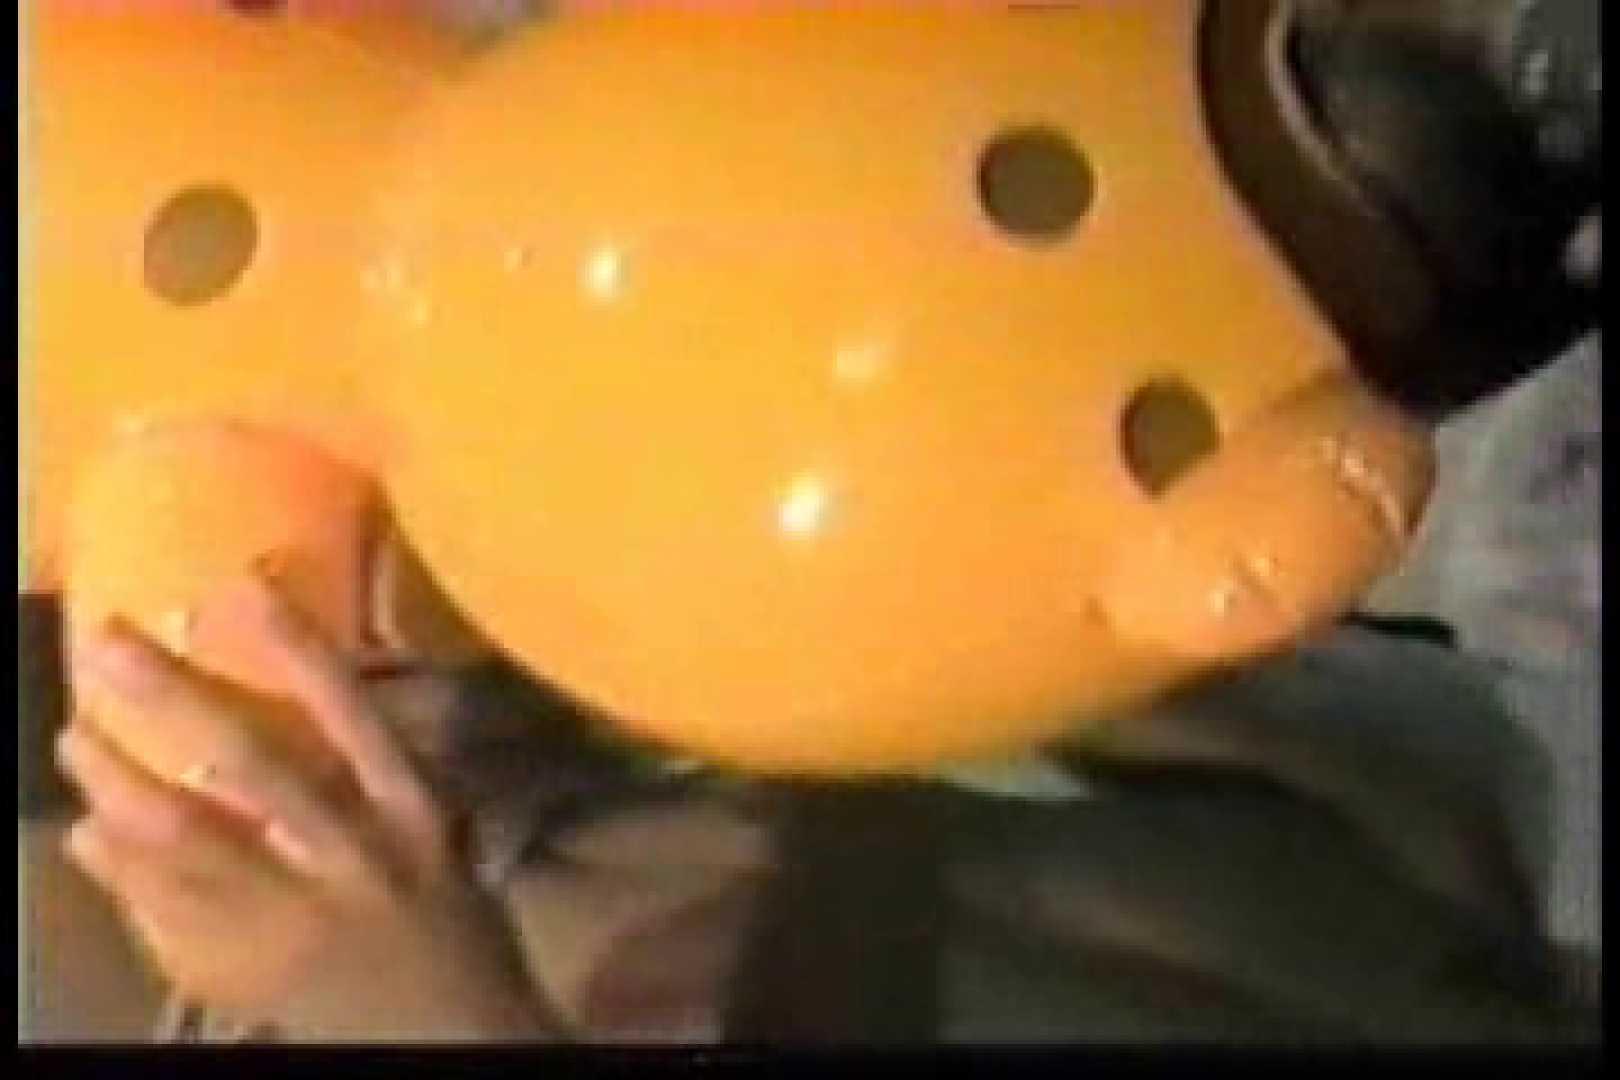 【自己製作販売ビデオ】オナニーフェラ挿入 フェラ天国   ハメ撮り放出 ゲイ素人エロ画像 49pic 11